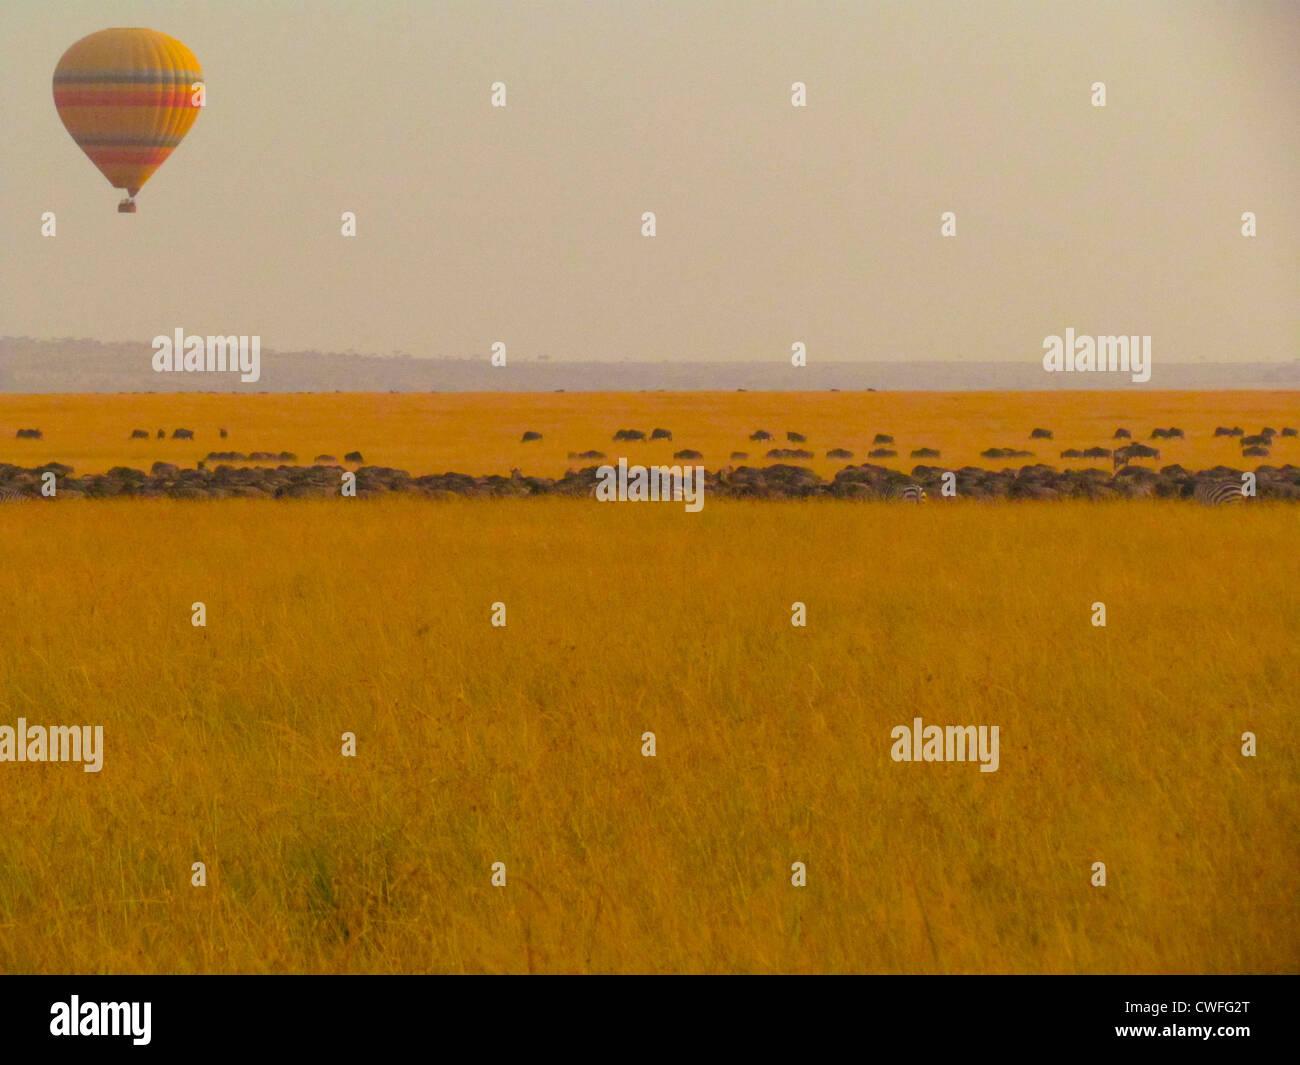 Baloon over the Masai Mara - Stock Image